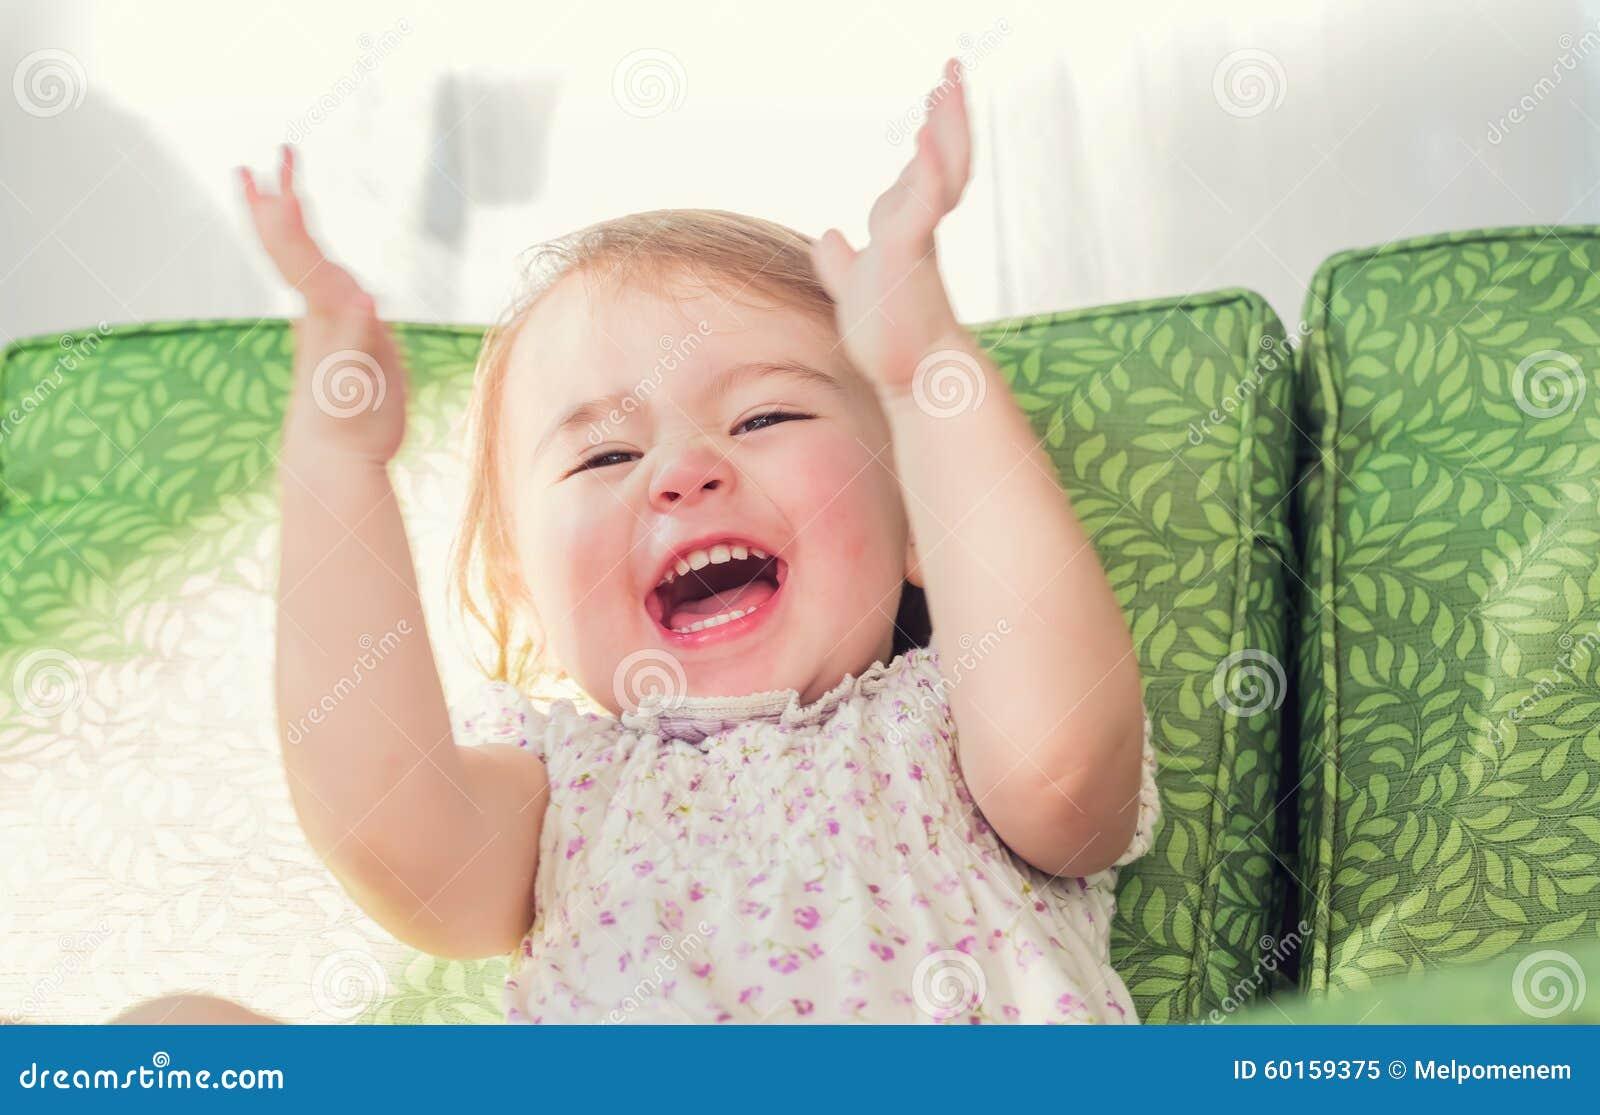 Menina da criança que sorri e que aplaude suas mãos